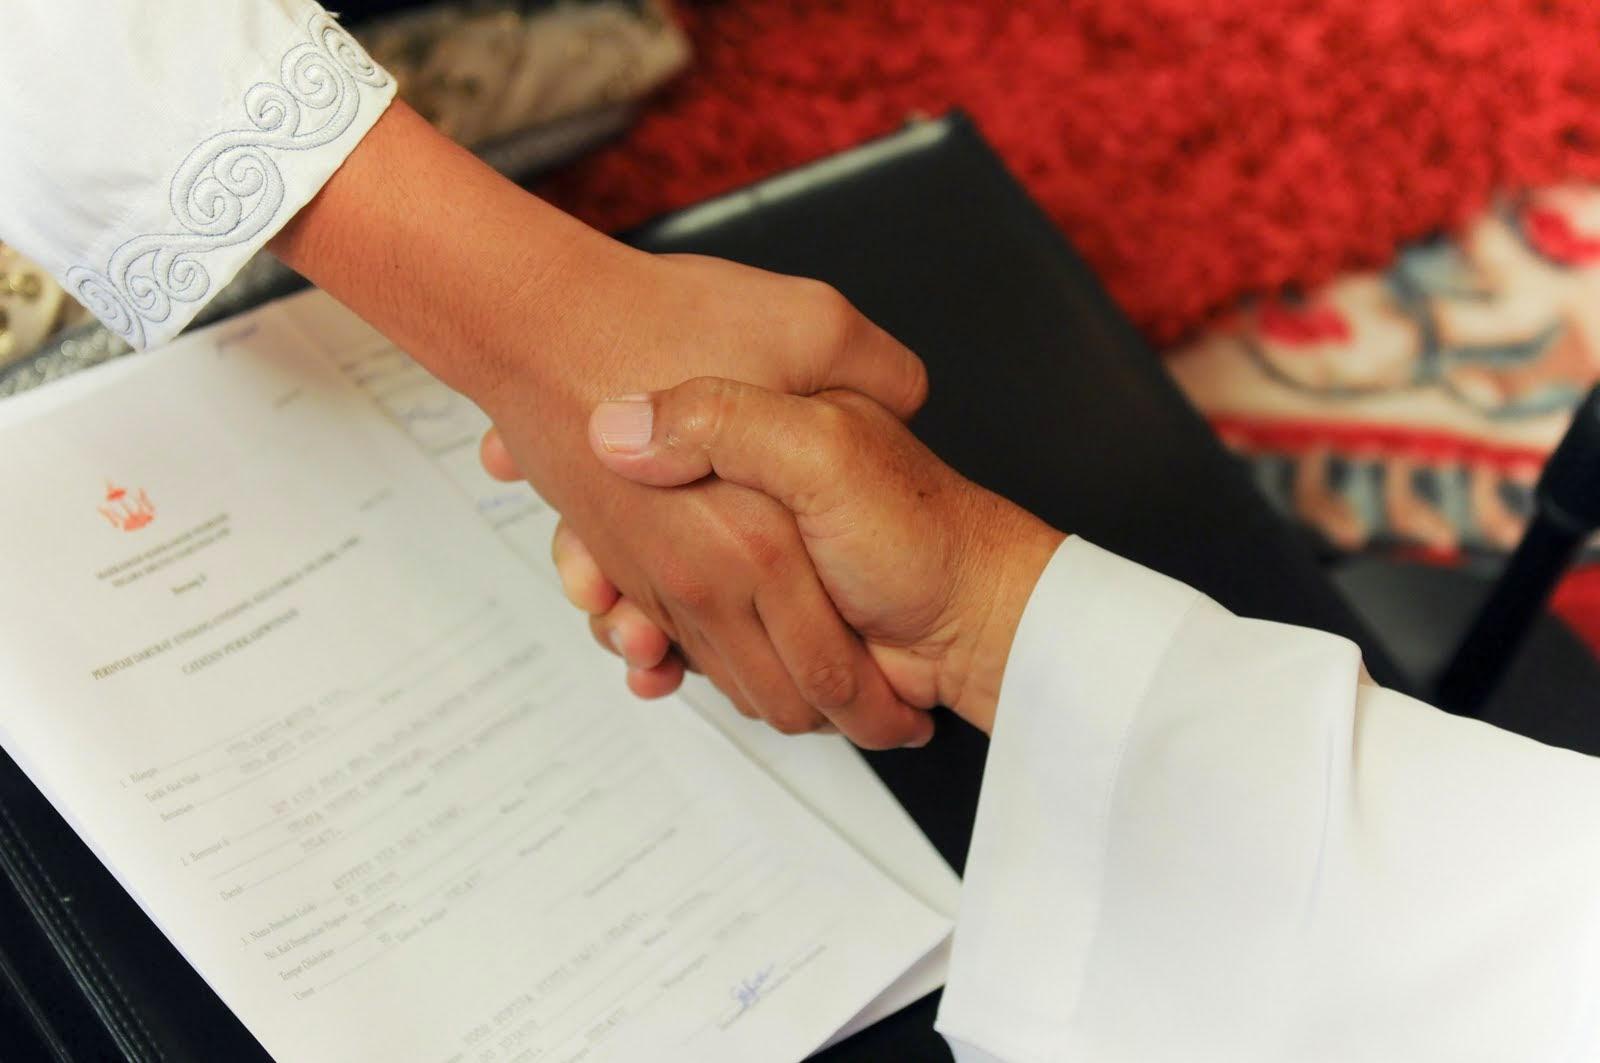 Hasil gambar untuk nikah beda agama